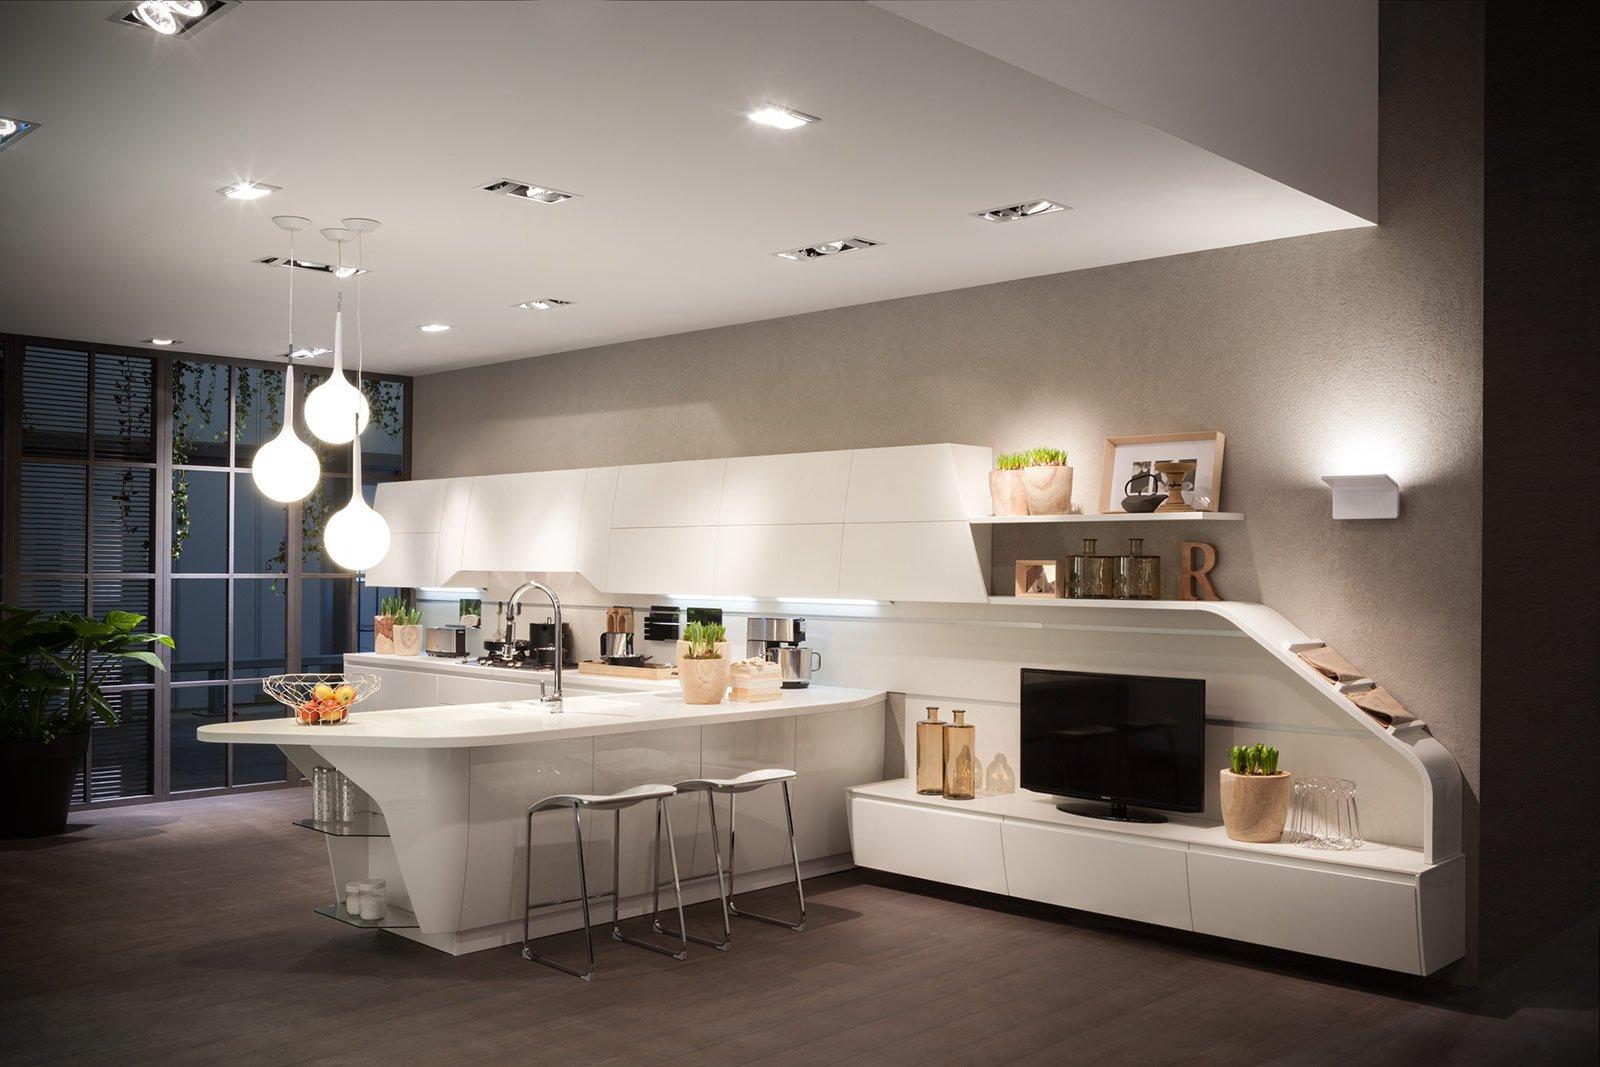 Cucina e soggiorno openspace funzioni divise o spiccata for Pavimenti per cucina e soggiorno